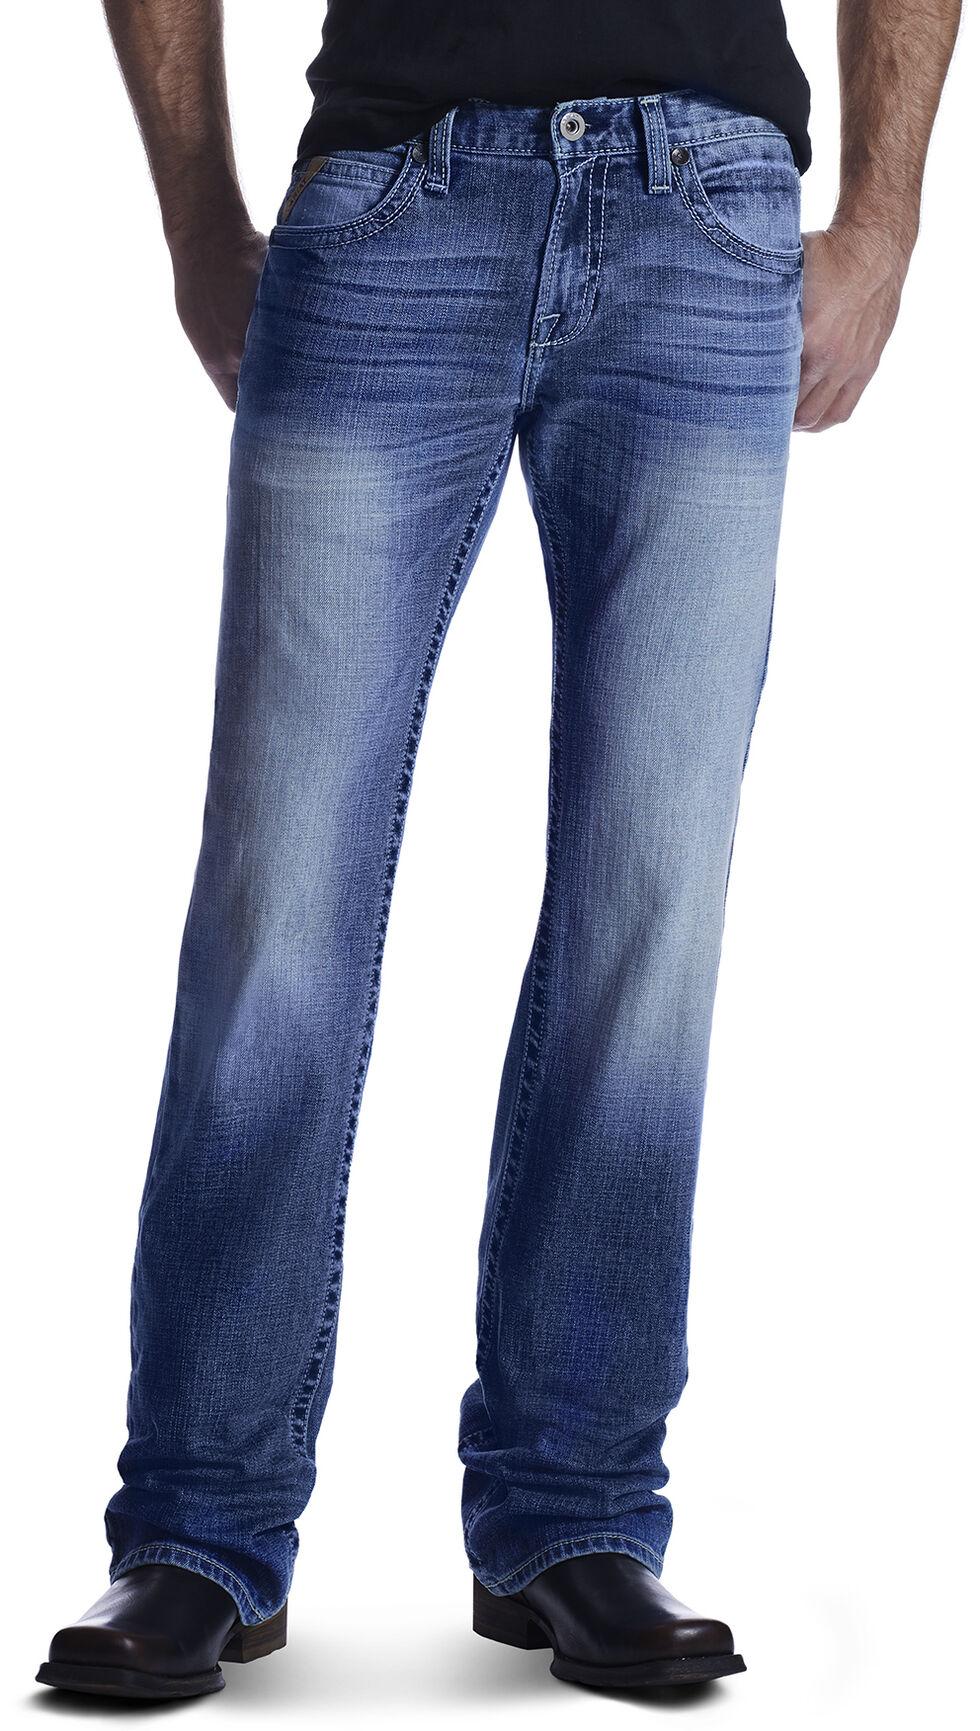 Ariat Men's M7 Rocker Shotwell Cinder Boot Cut Jeans, , hi-res